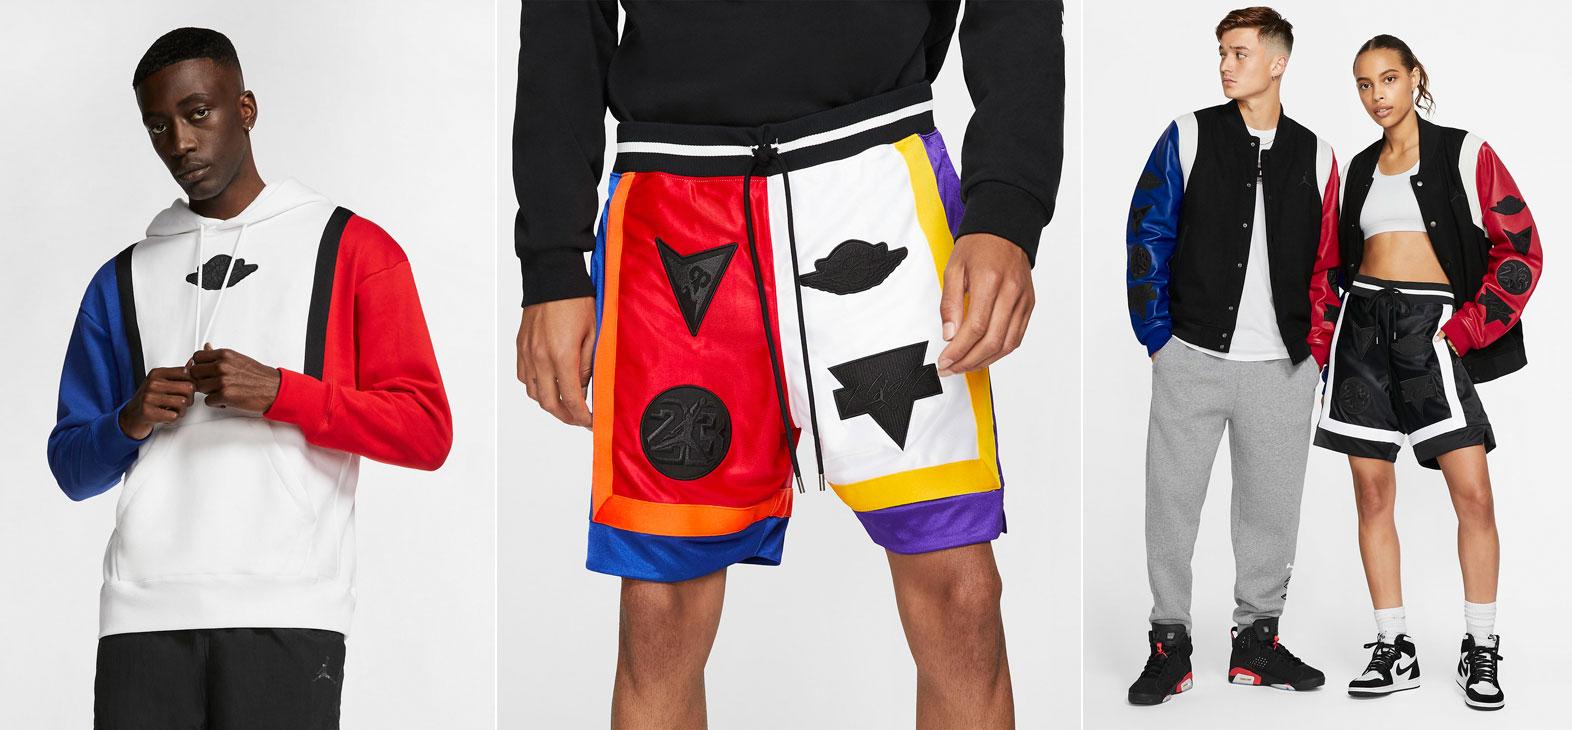 jordan-rivals-apparel